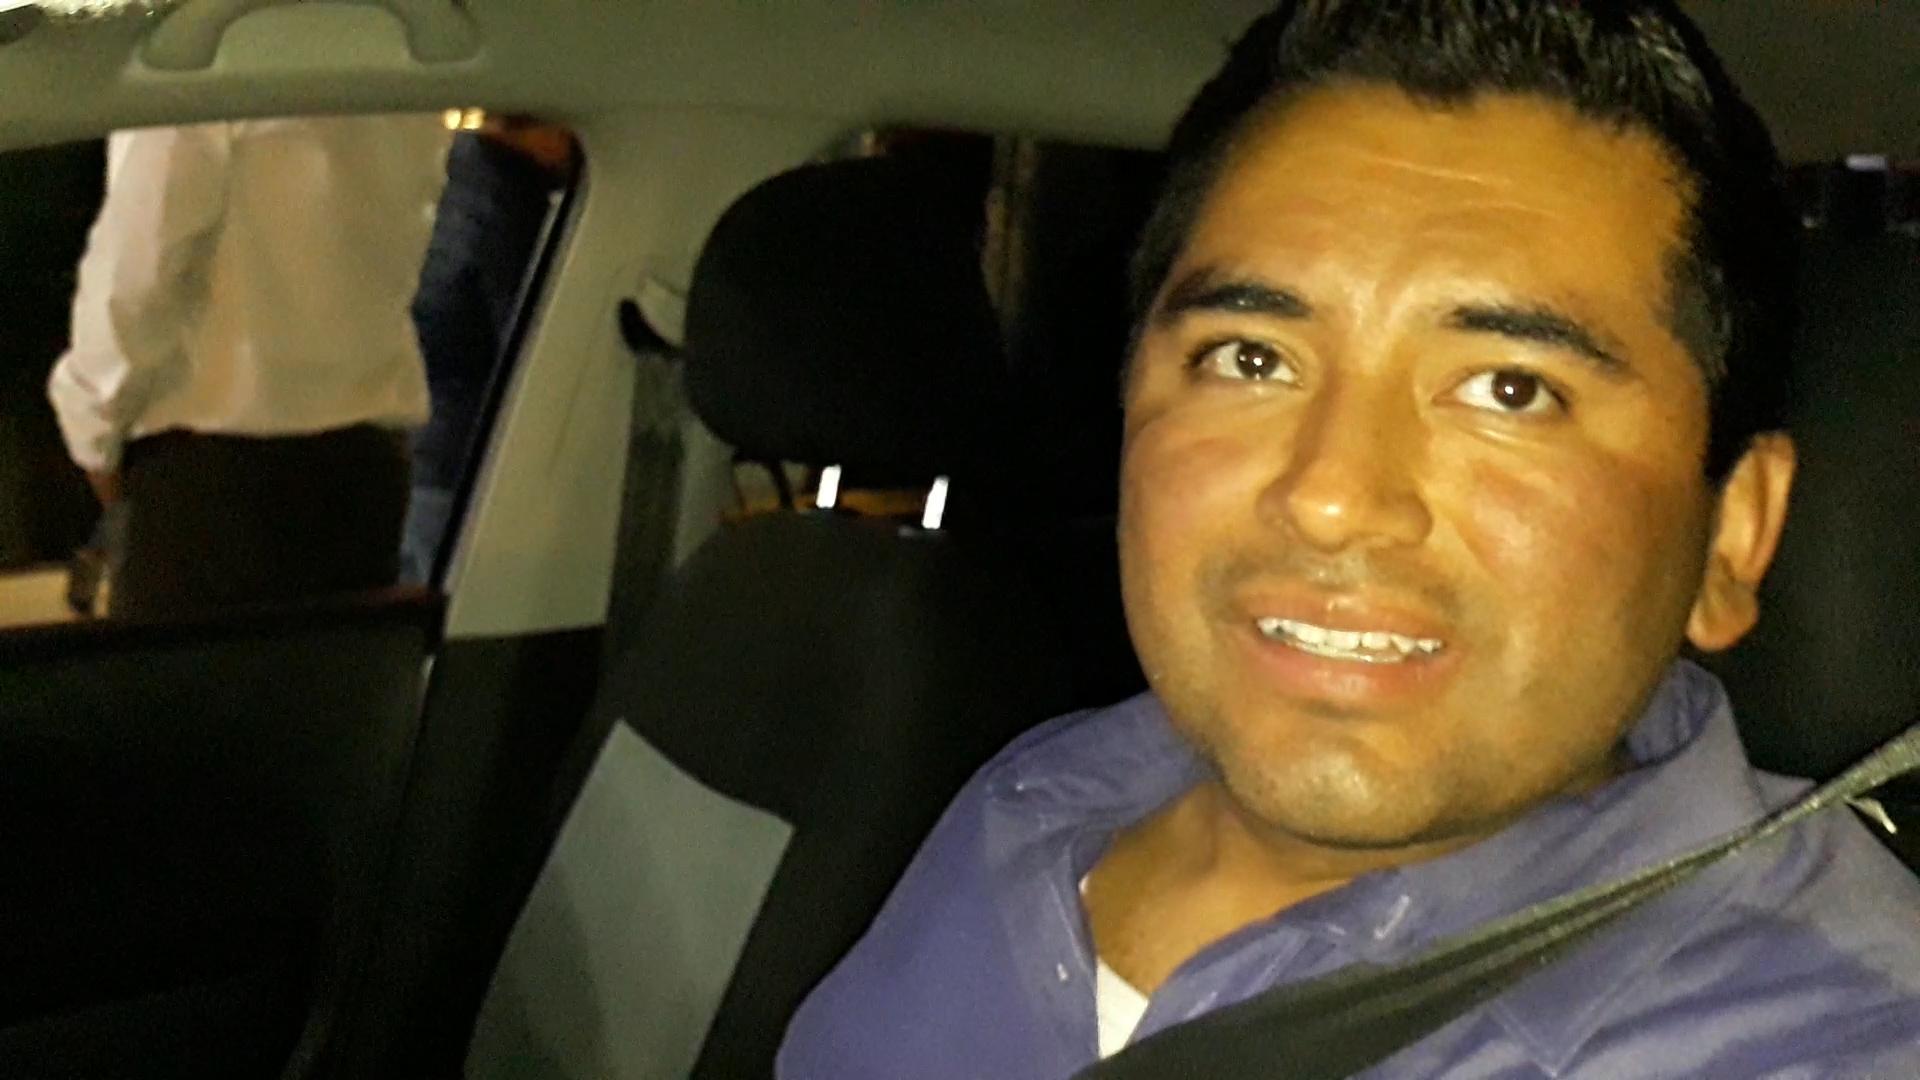 Gerardo Islas conductor de Uber se formó durante más de 6 horas para cargar gasolina, la cual no consiguió (Foto: Patricia Juárez/INFOBAE MÉXICO)